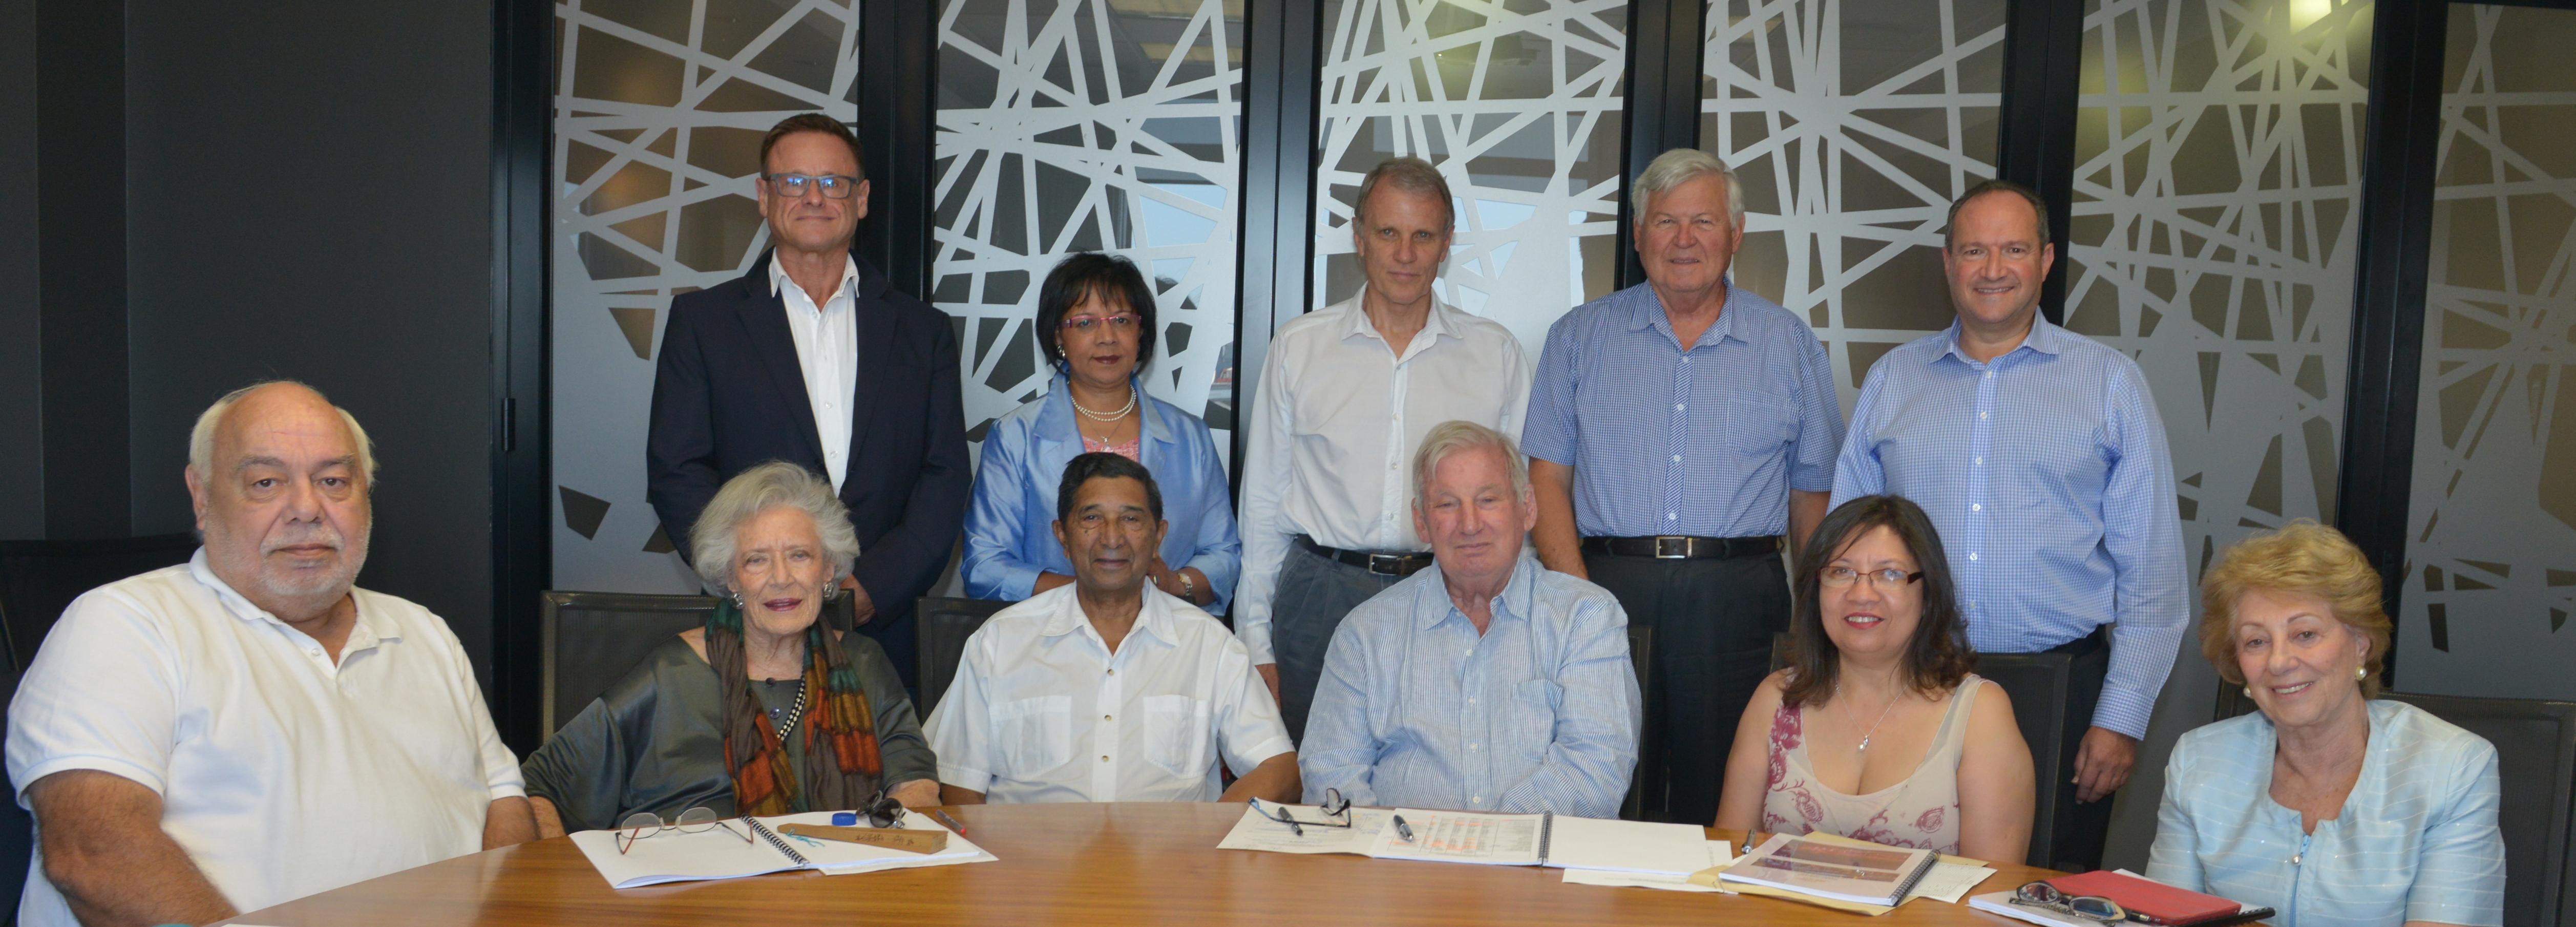 CPO's Board of Directors